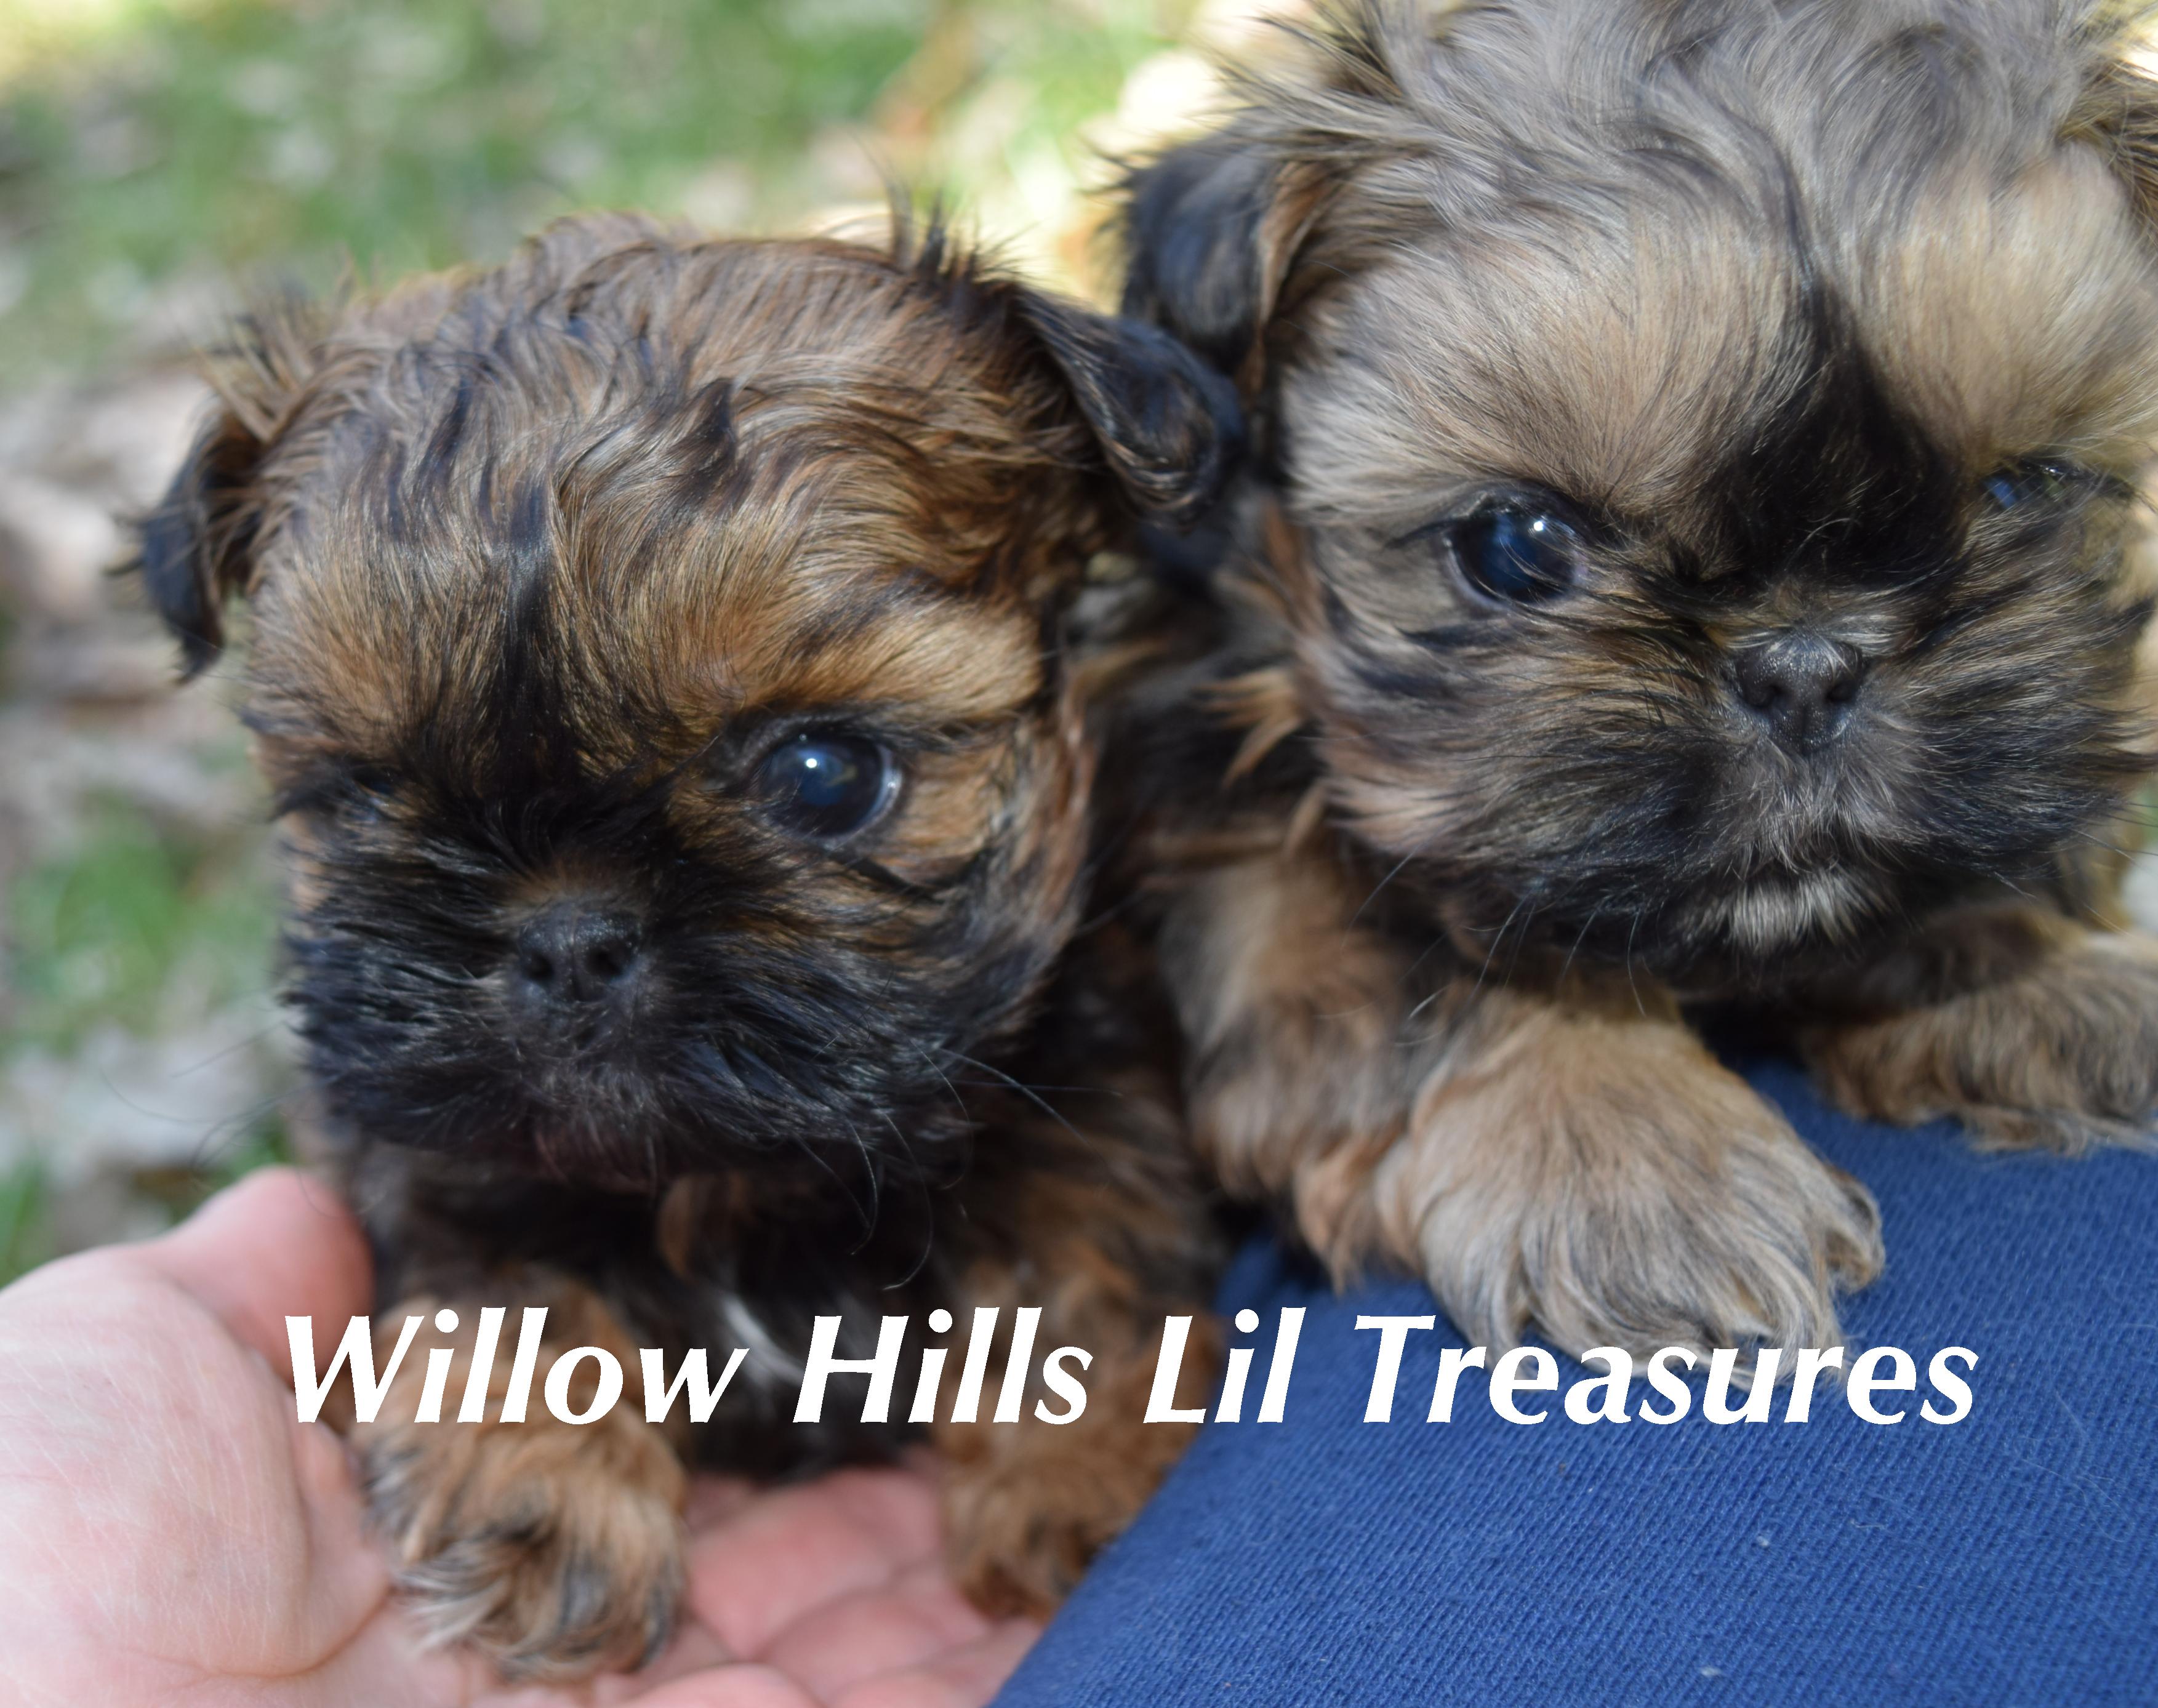 Shih Tzu Puppies Shih tzu puppy, Shih tzu, Cute puppies